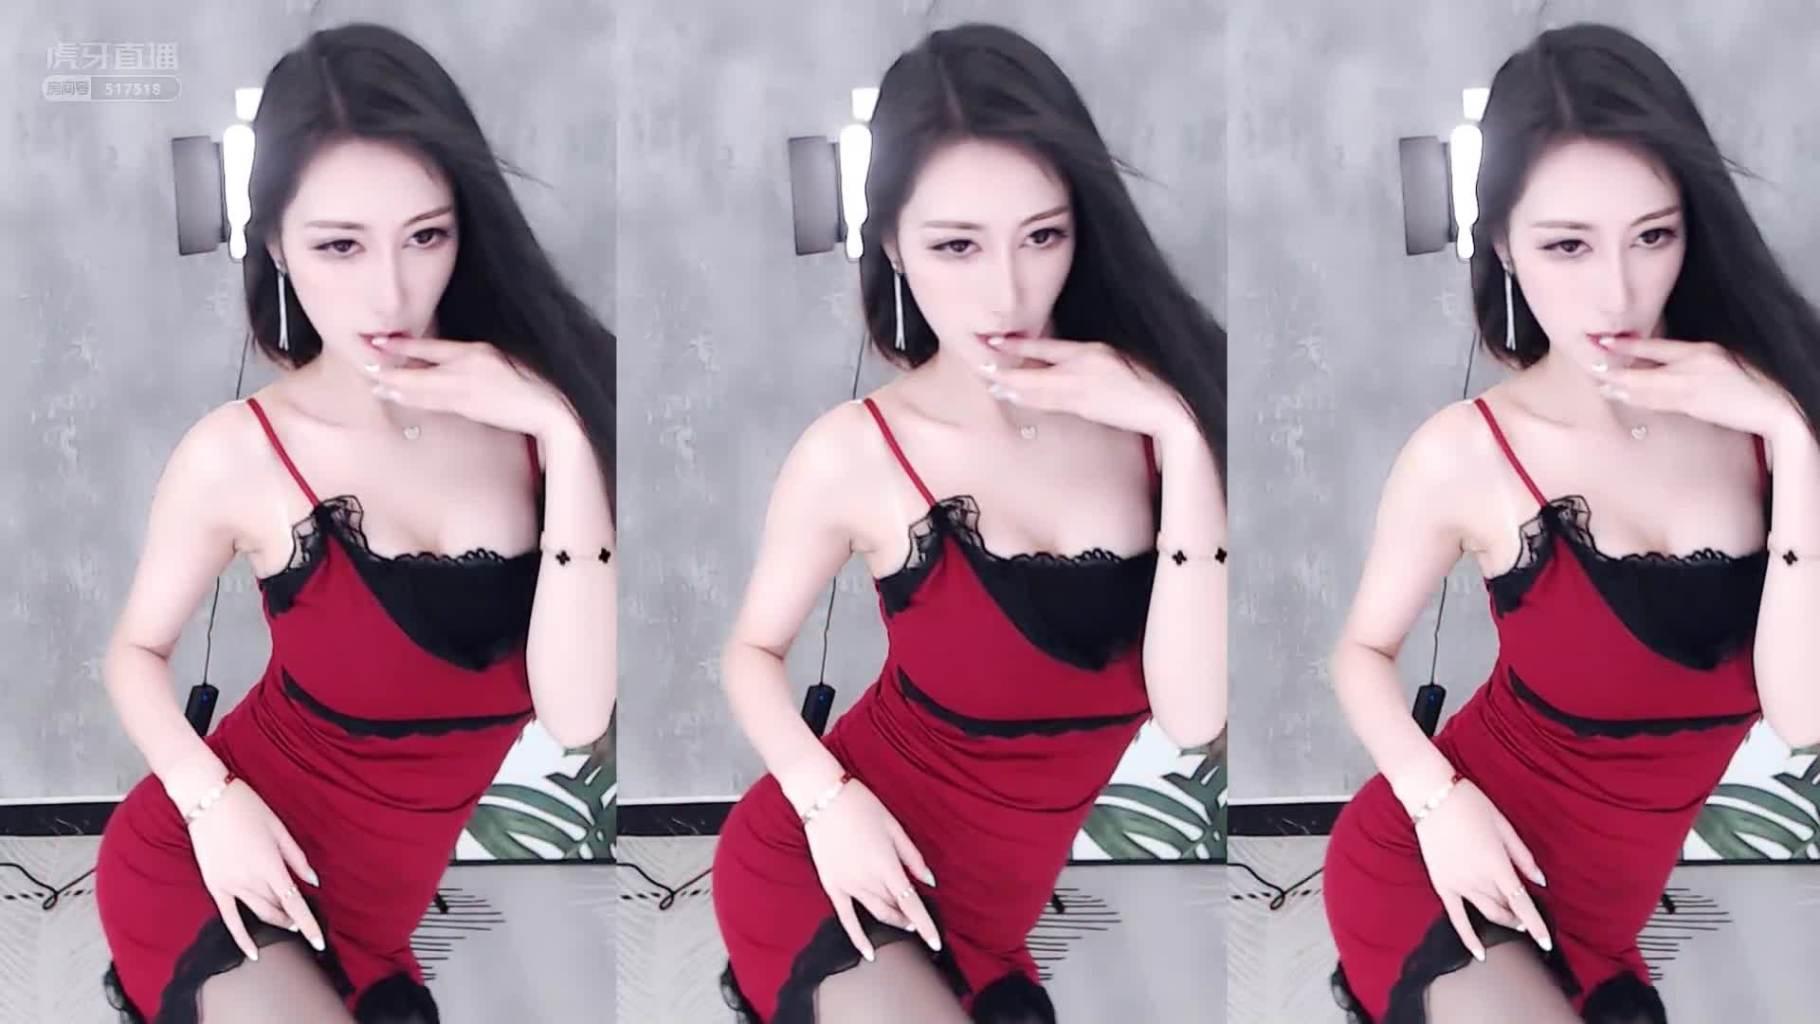 虎牙_MY车老板2021_04_07红衣裙热舞